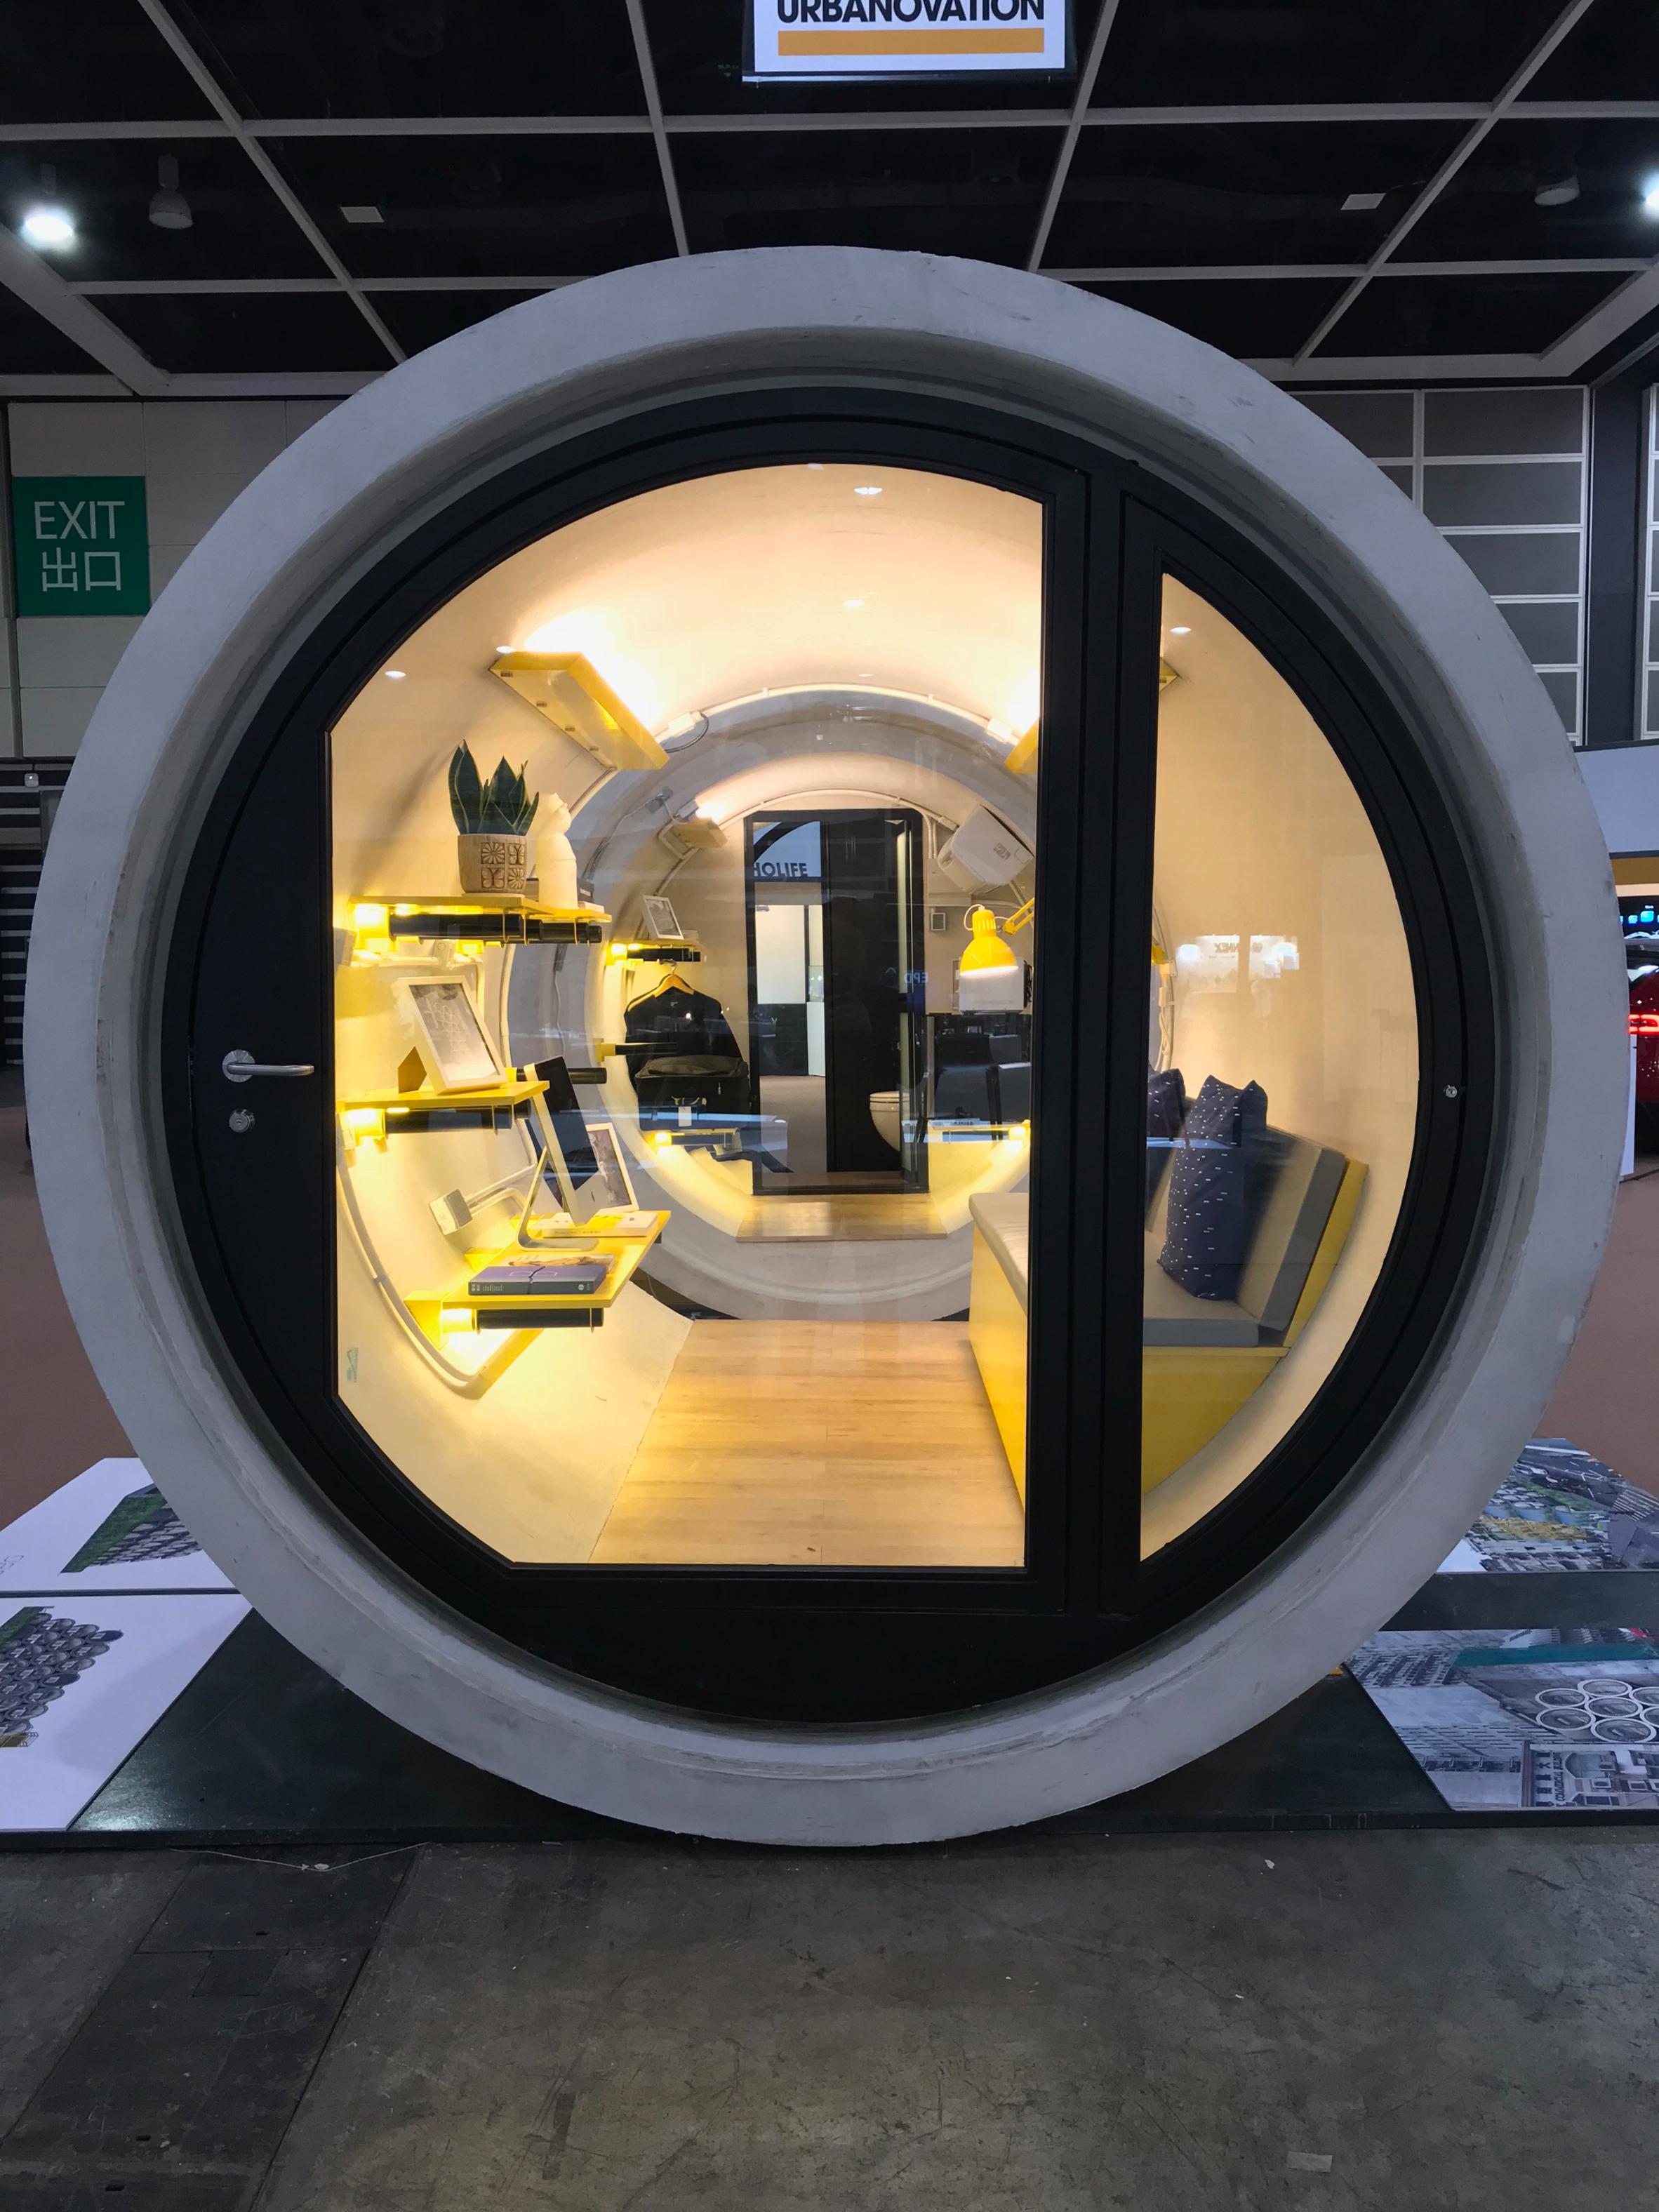 puerta de acceso a la capsula construida en un tubo de hormigon